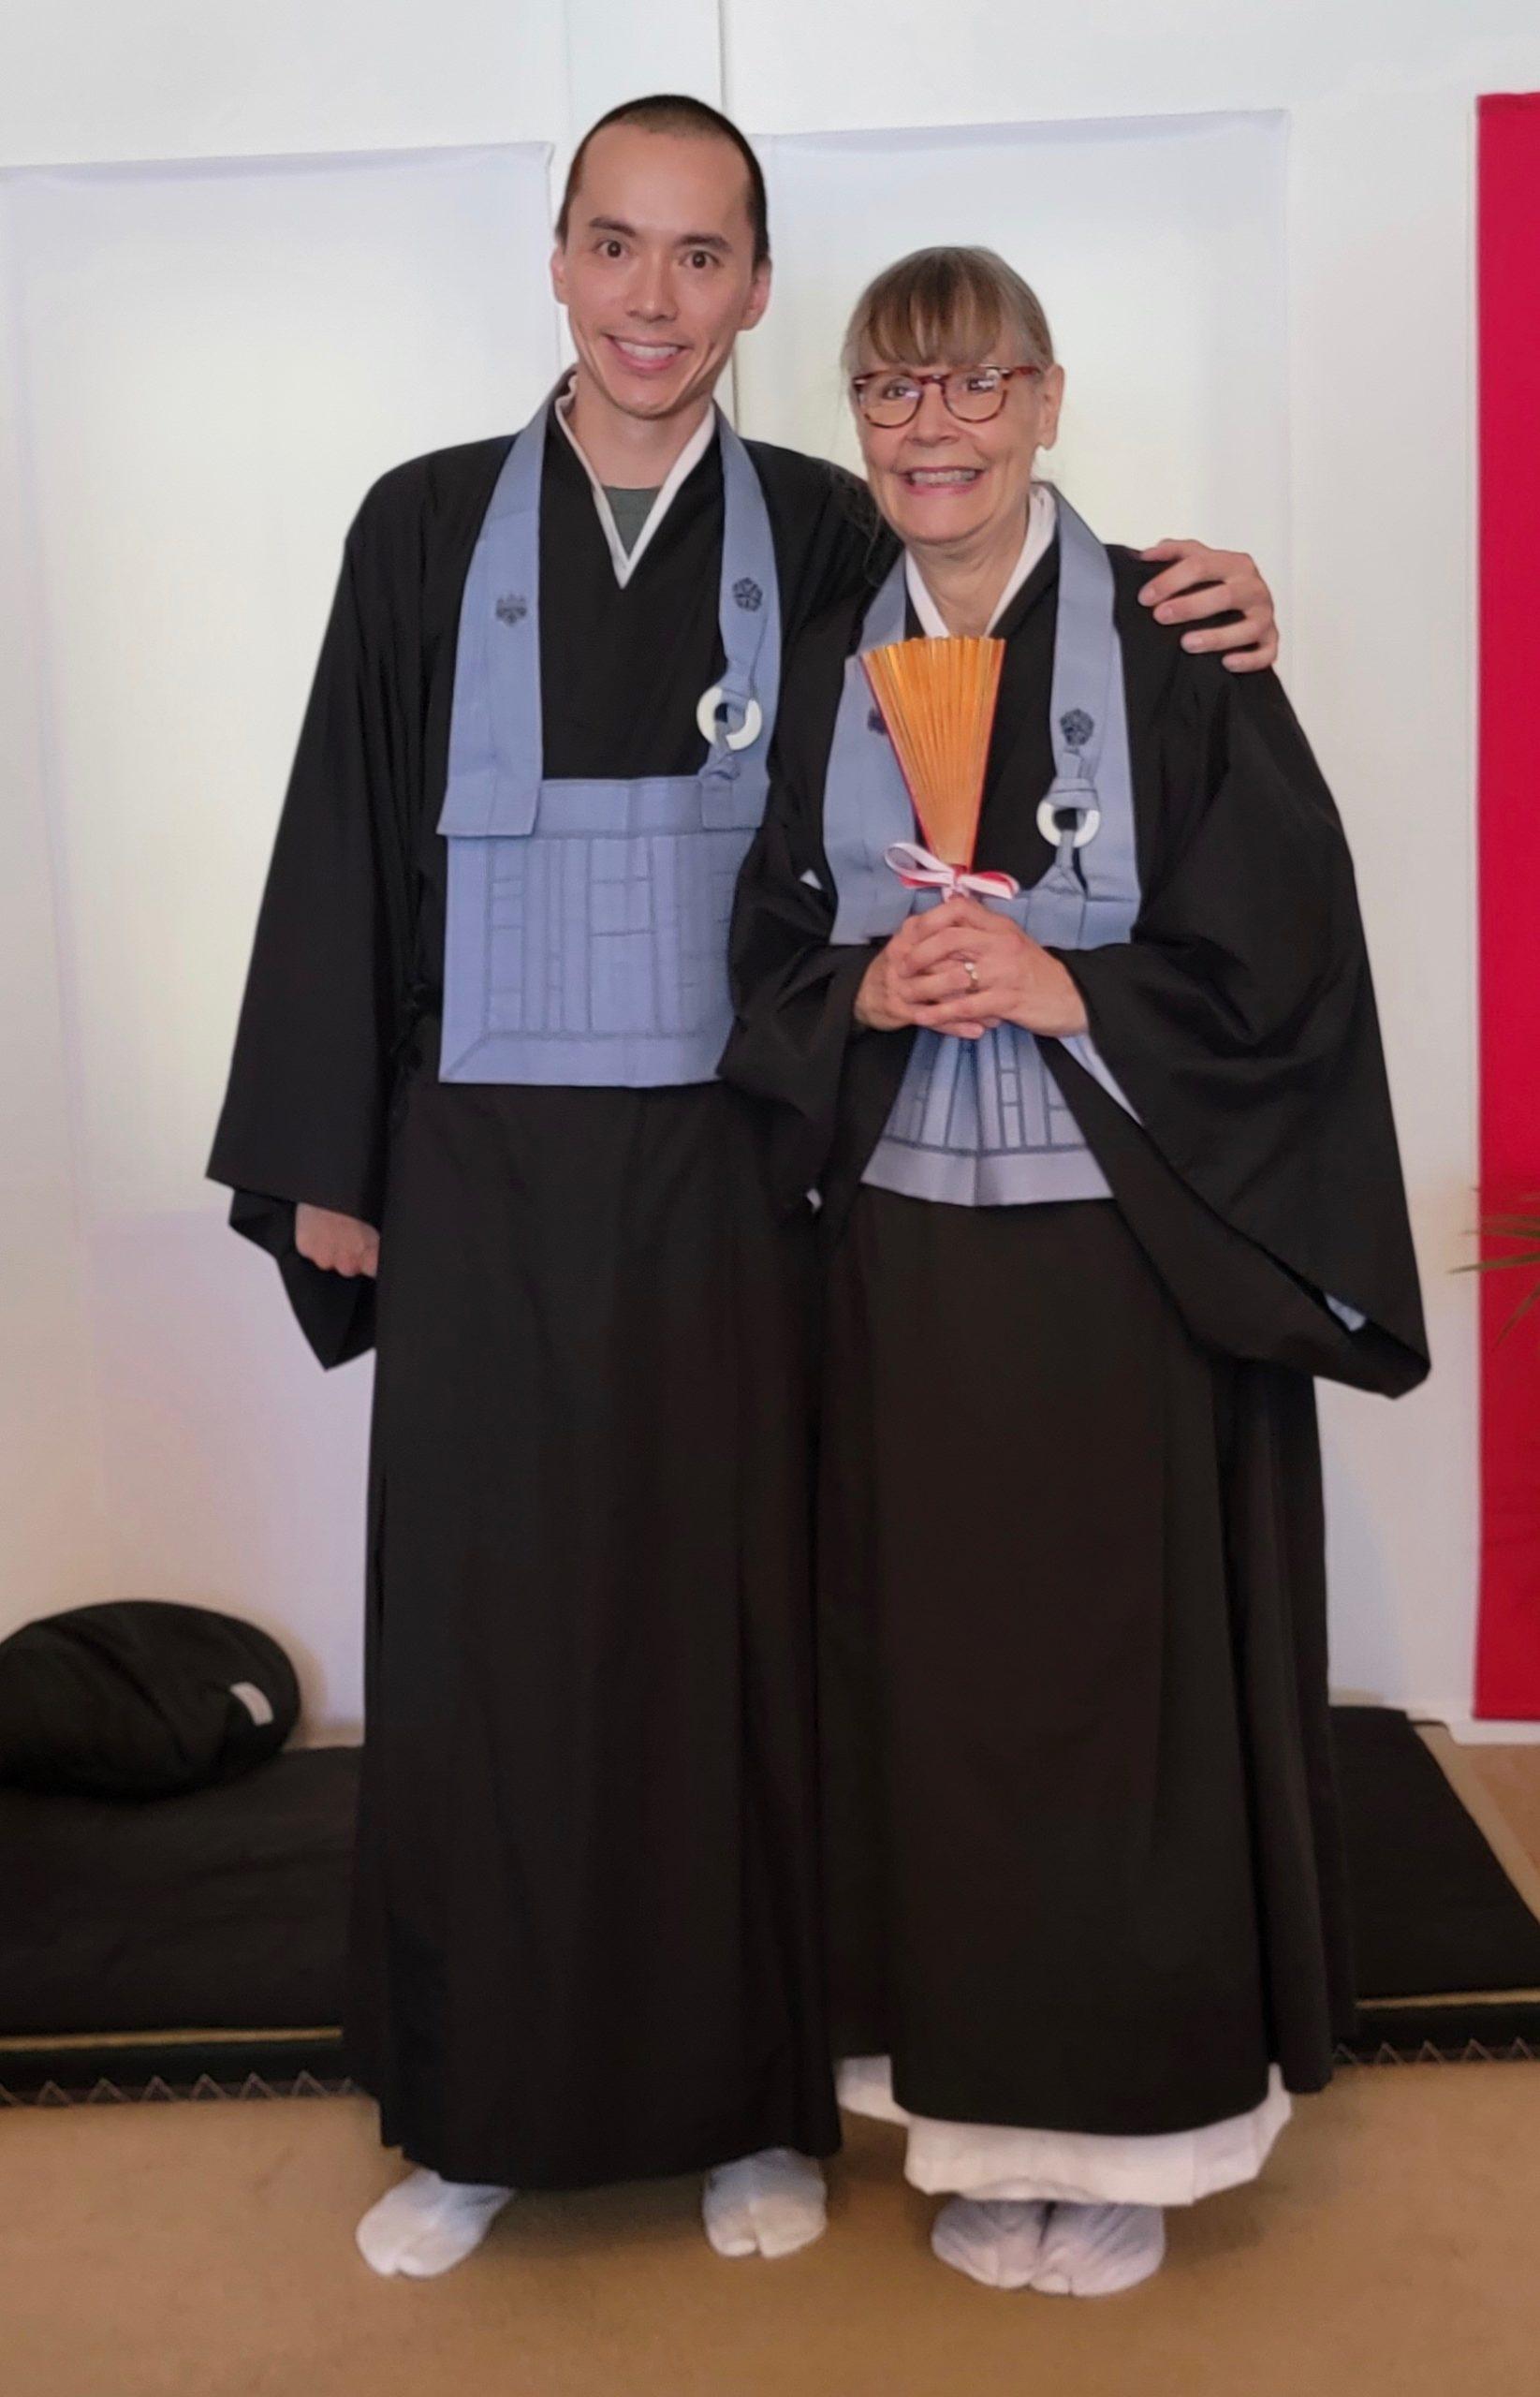 Juzen and Kujaku